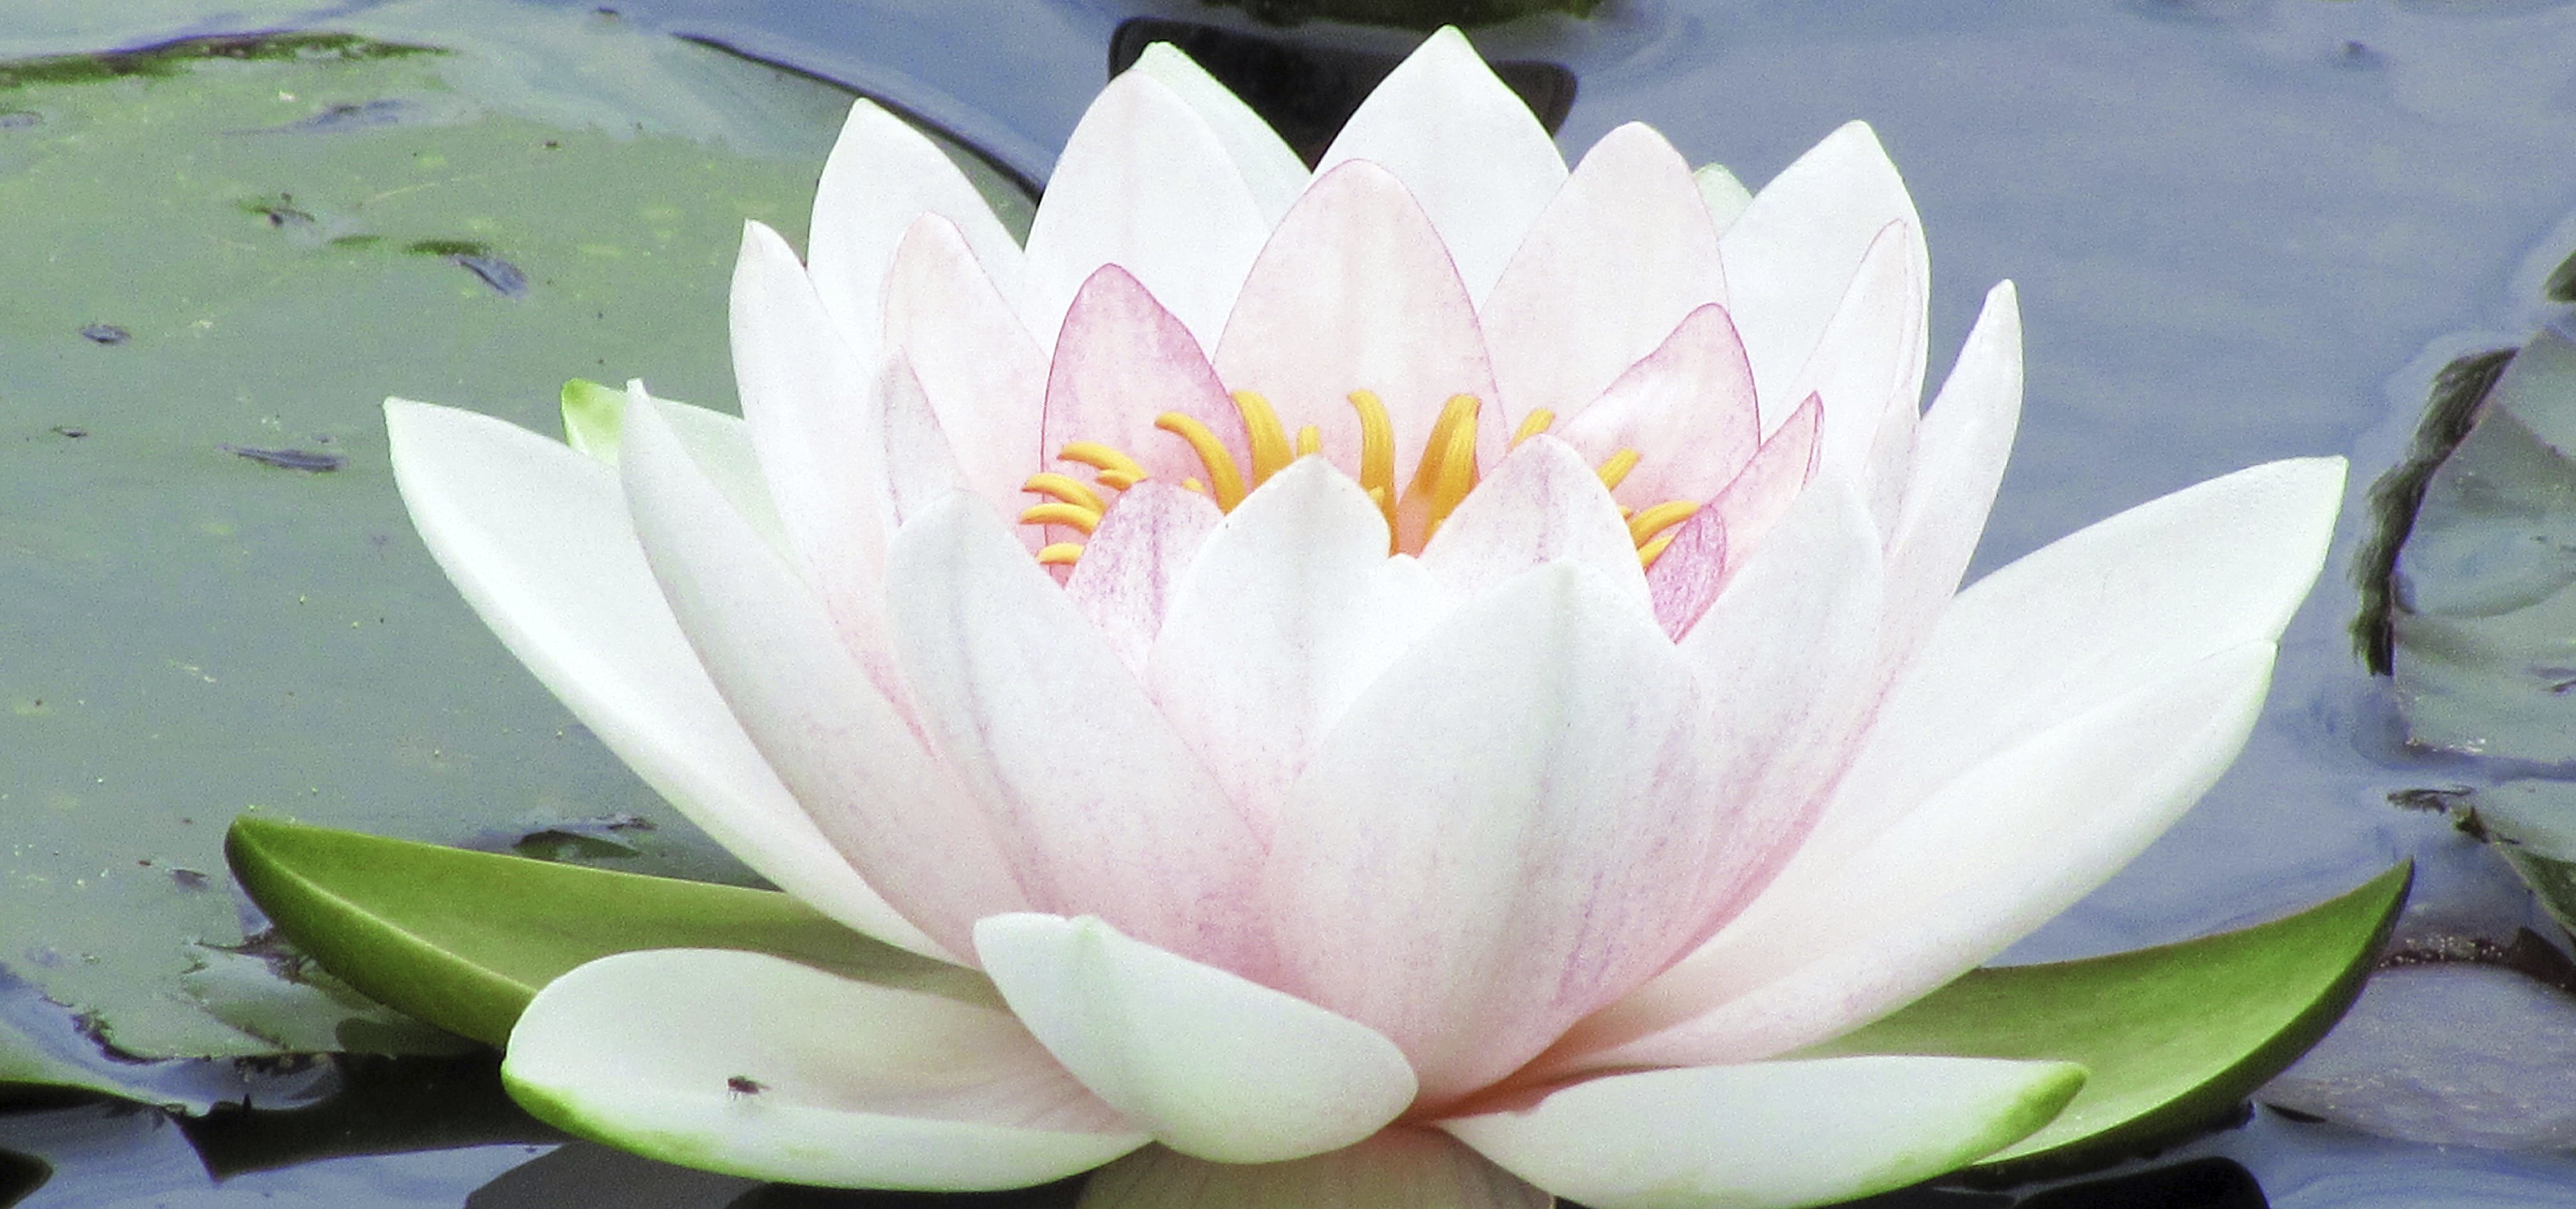 Significado de la Flor de Loto y sus diversos colores - WeMystic